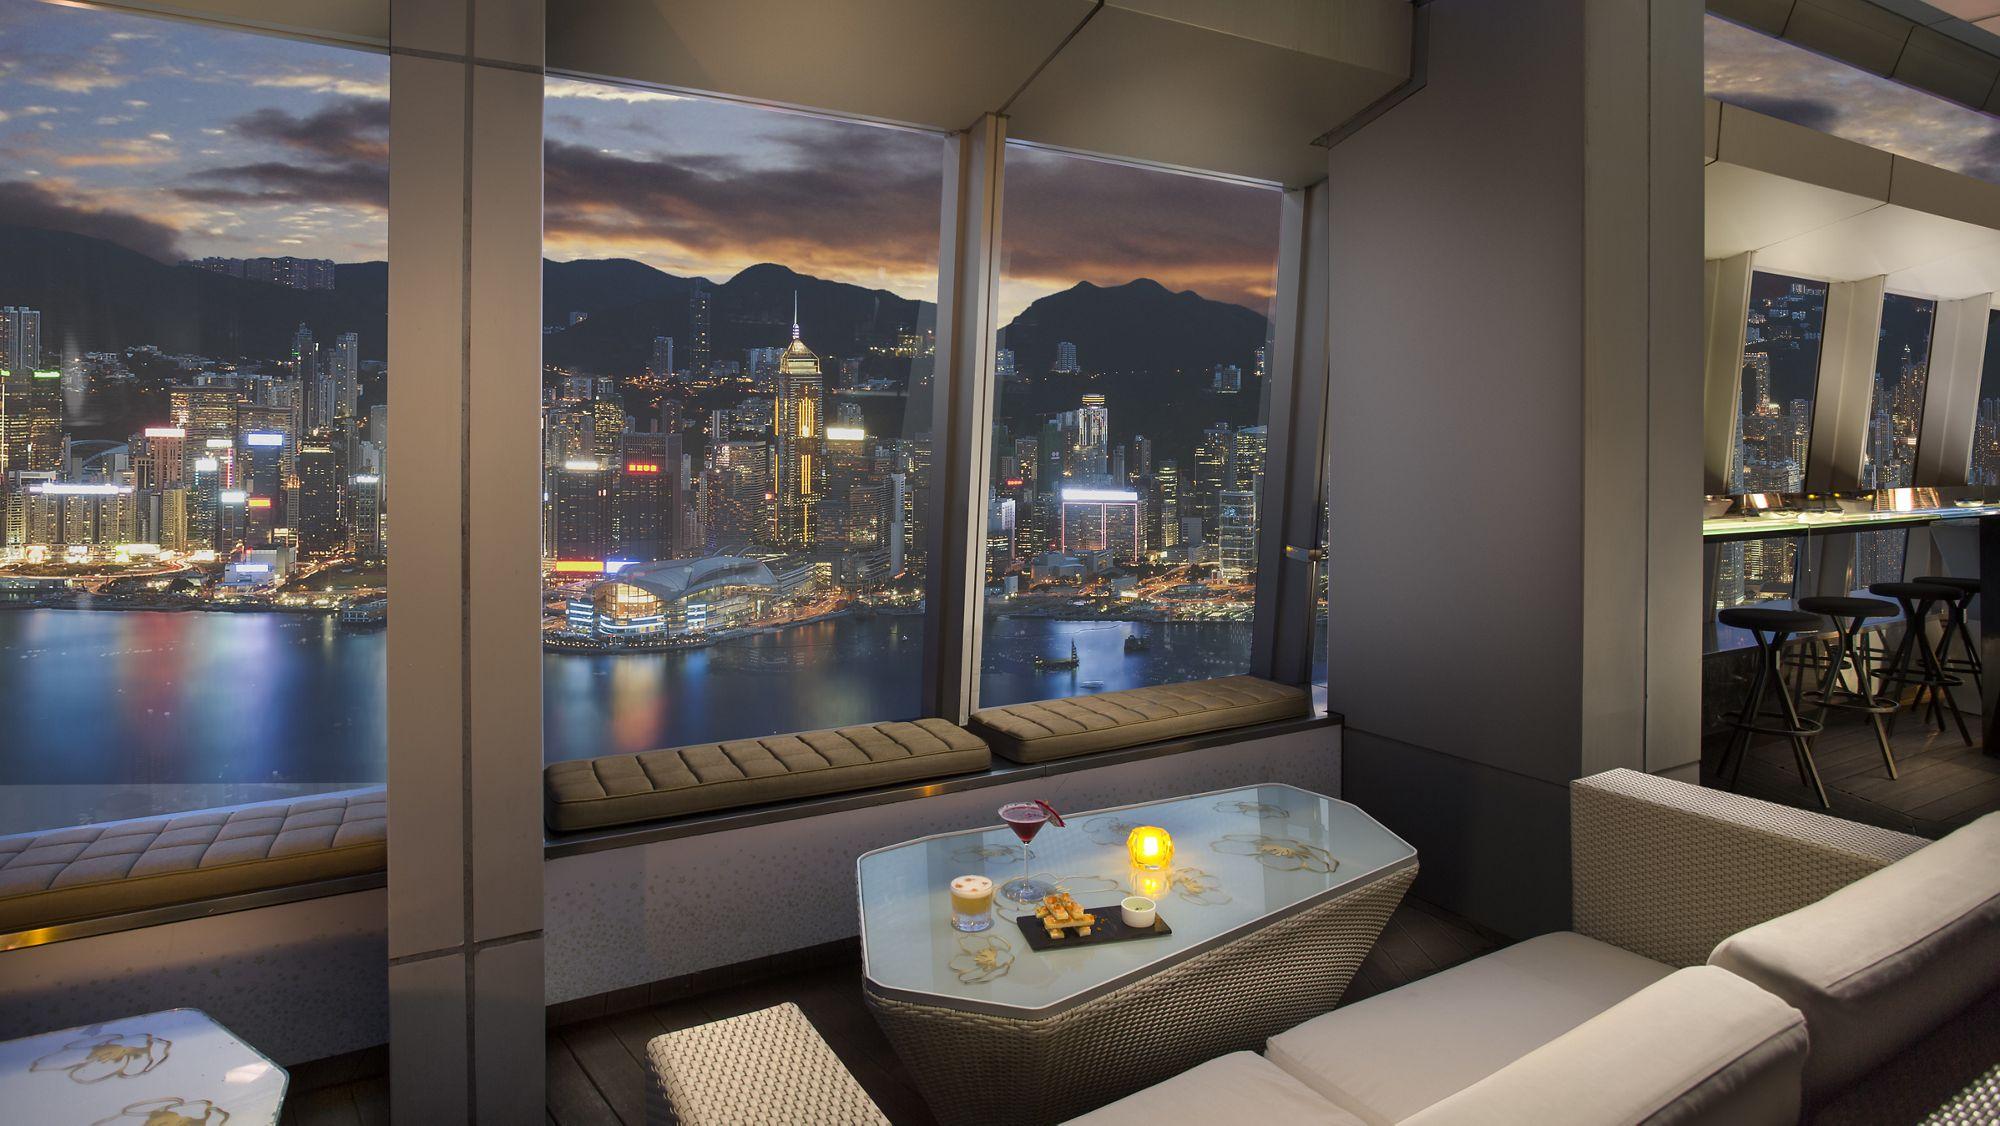 Hong Kong Rooftop Bars Live Dj Hong Kong Ozone